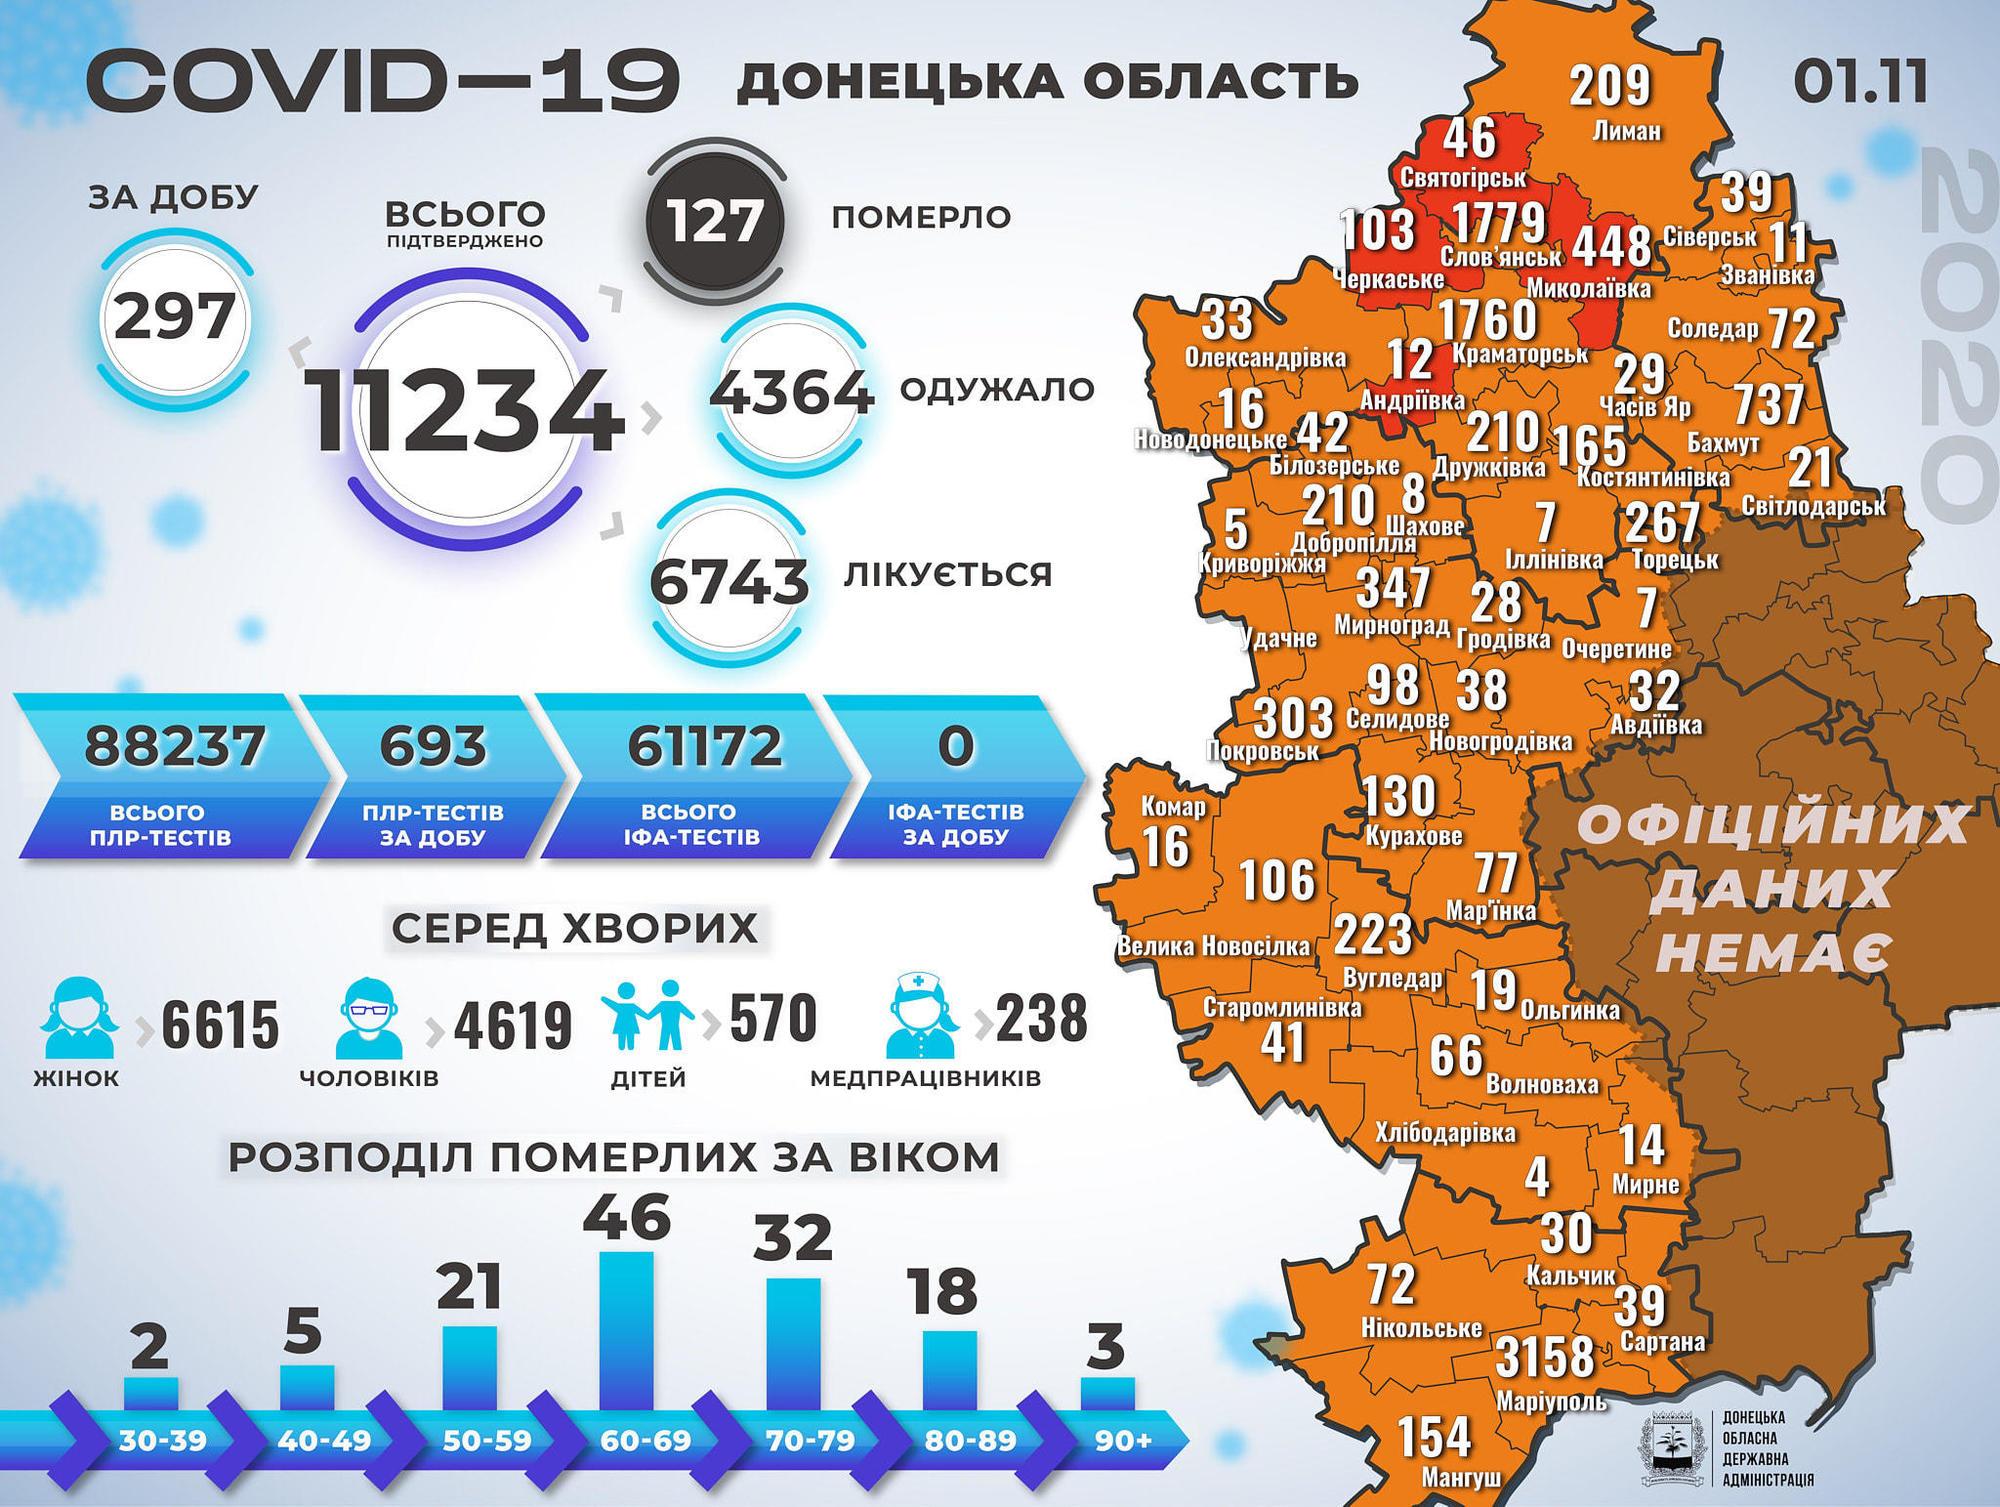 На підконтрольній Донеччині діагностували COVID-19 у ще 12 померлих. А по країні одужали втричі менше, ніж захворіли